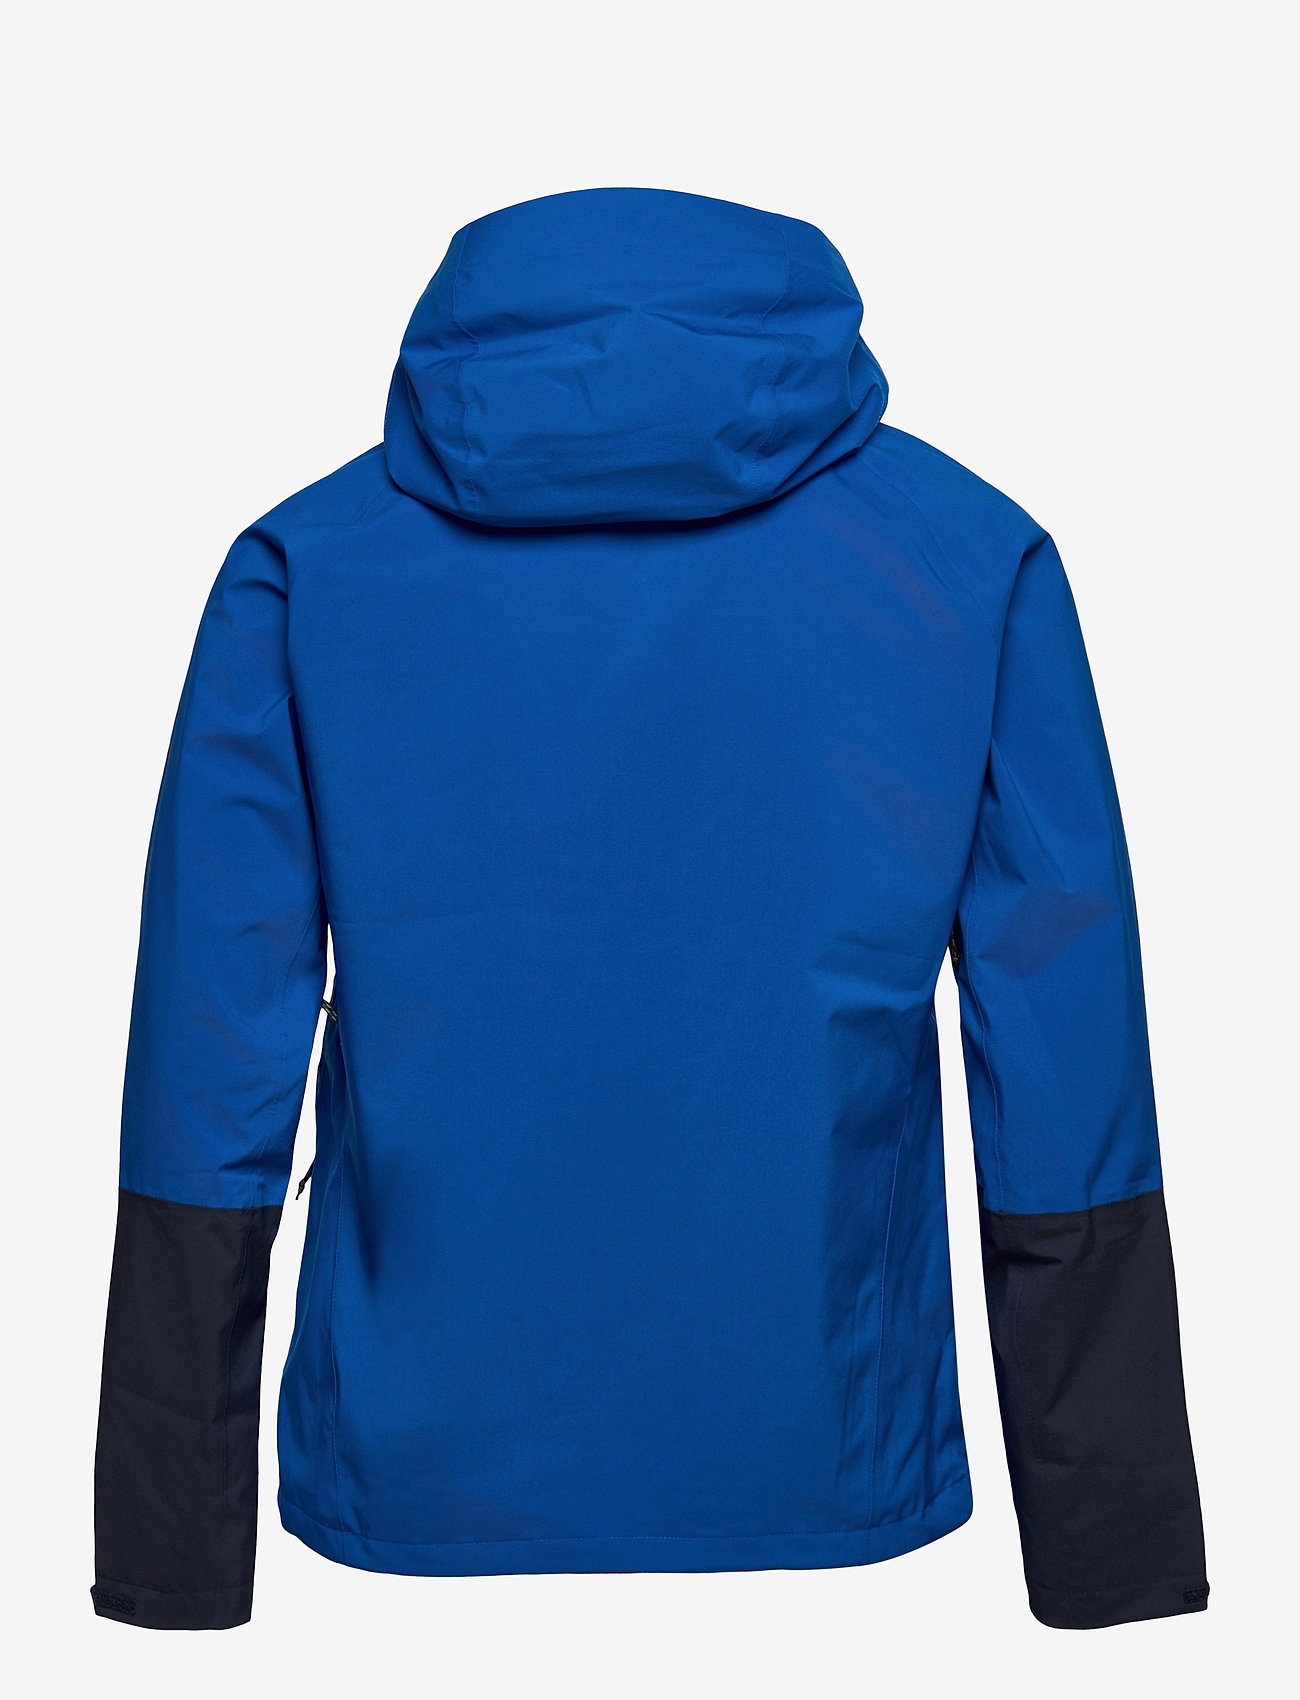 Peak Performance - M Nightbreak Jacket - ulkoilu- & sadetakit - arctic blue   blue shadow - 1